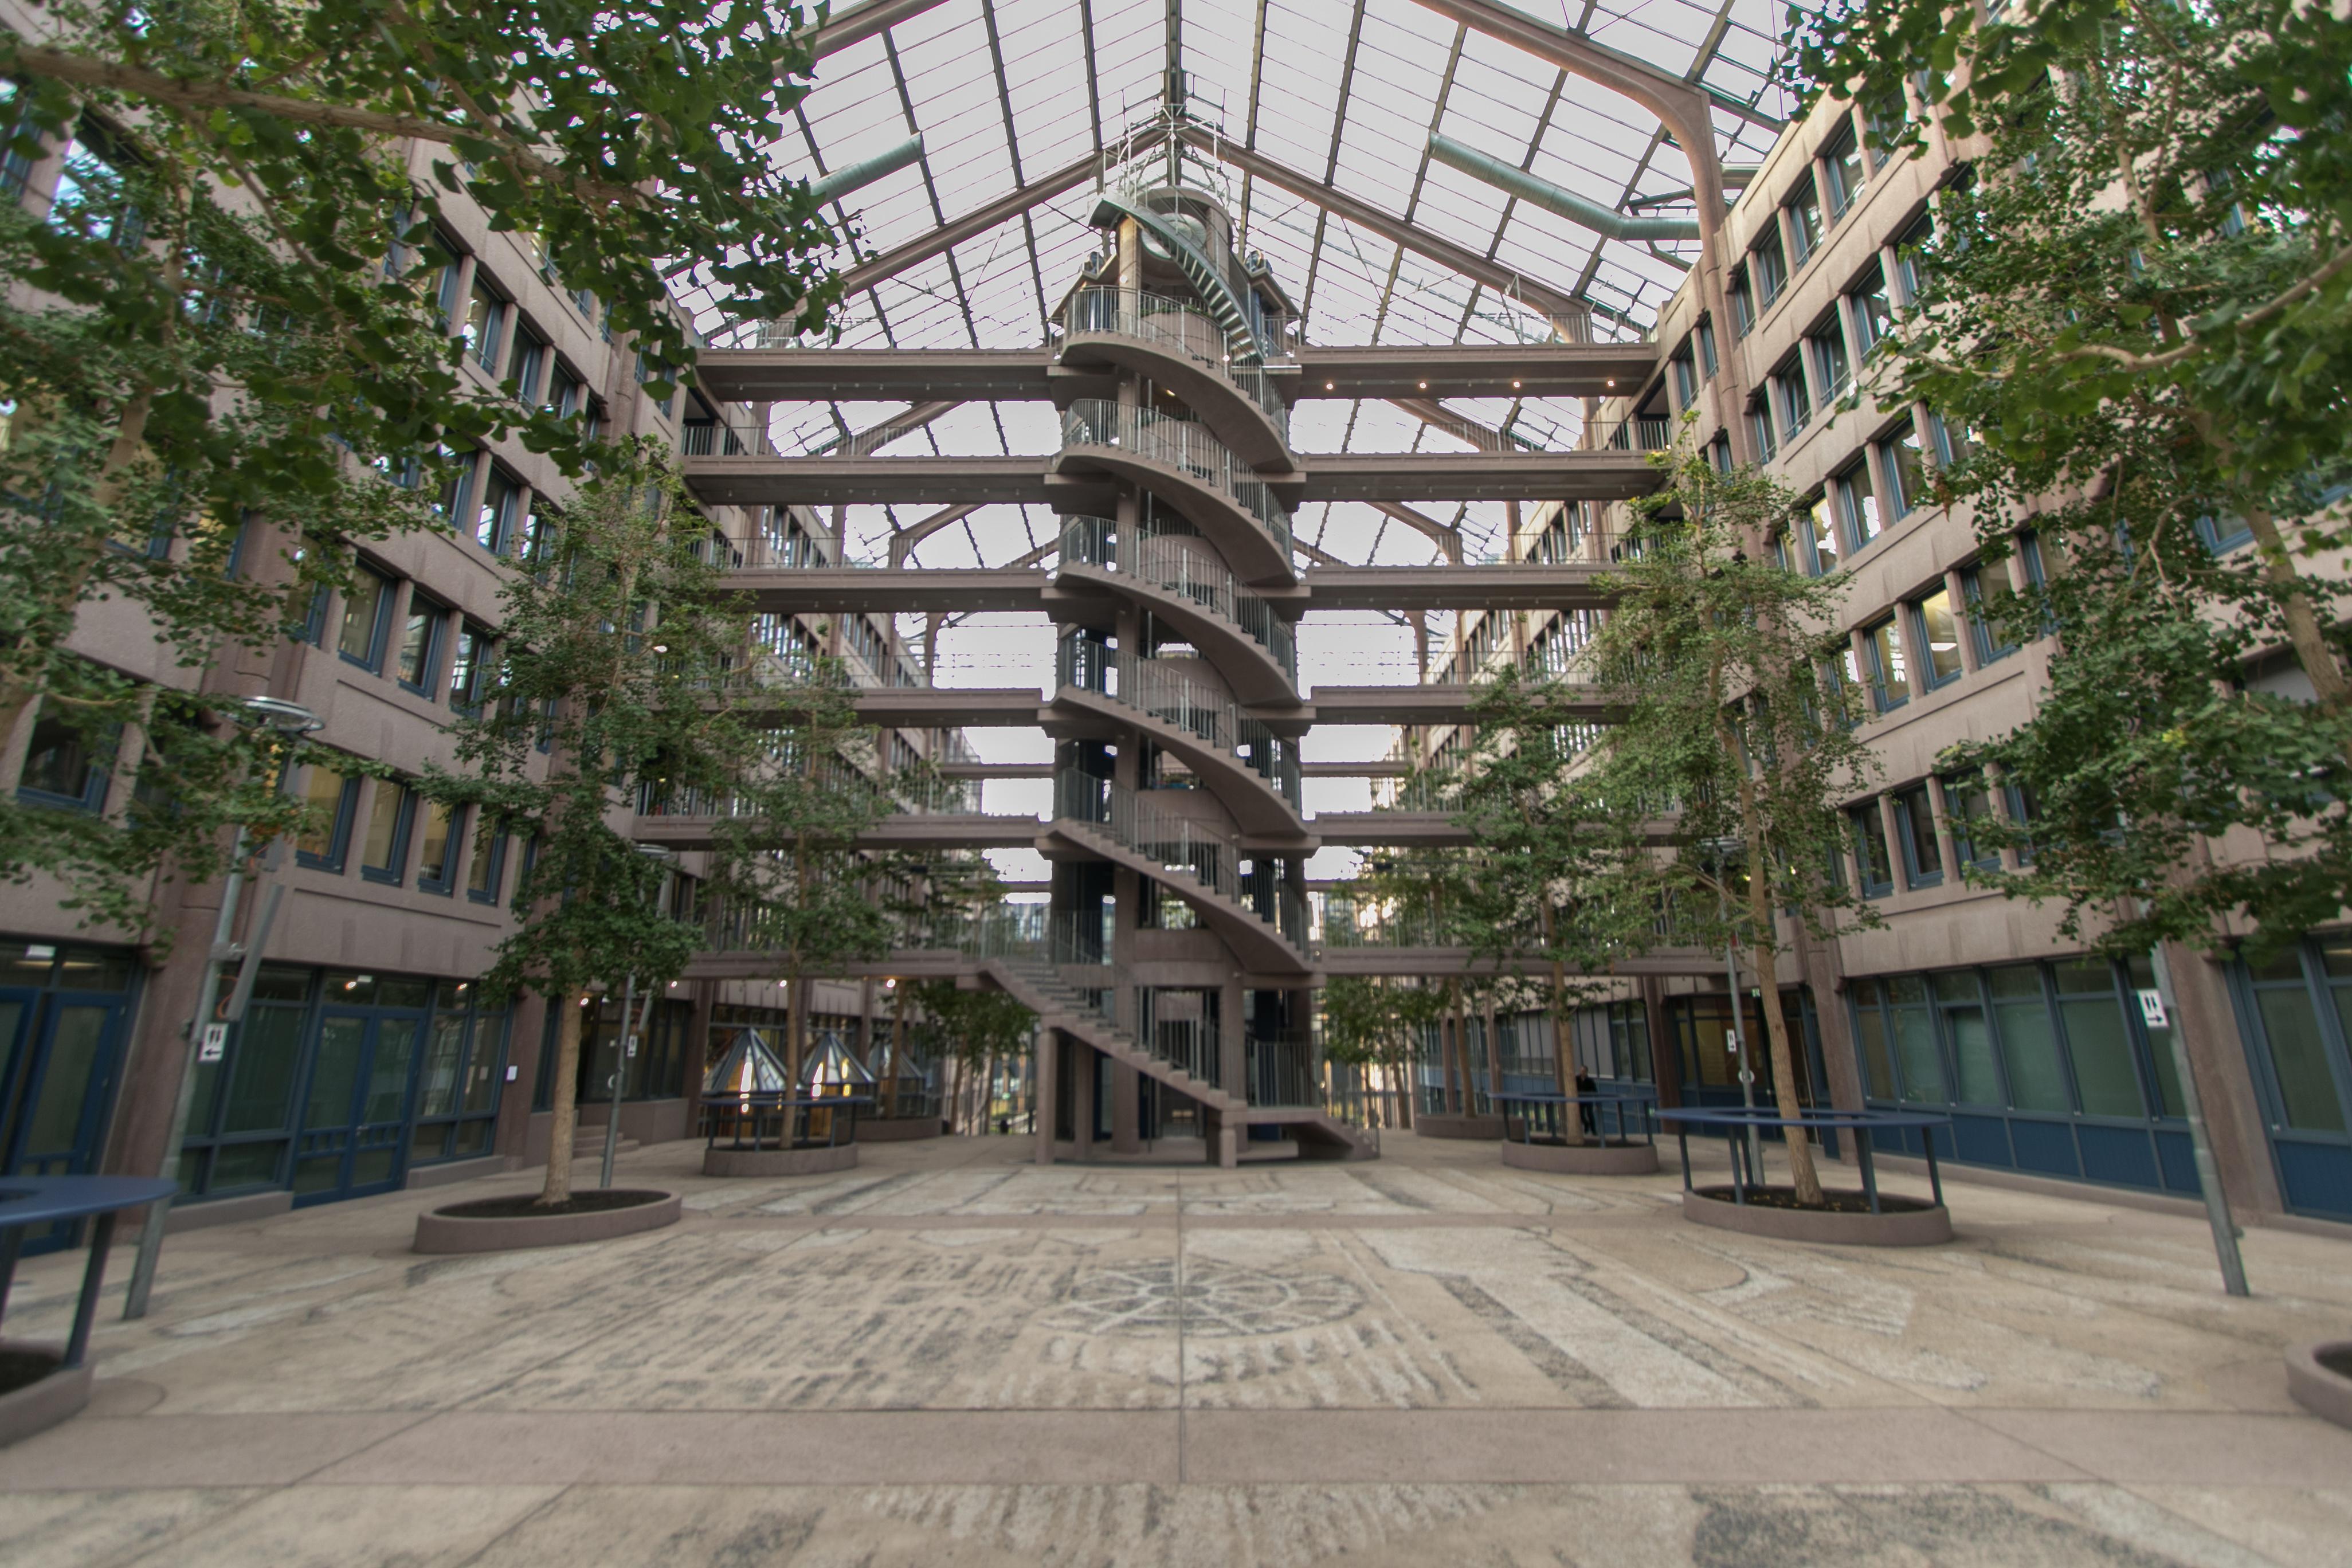 File:Züblin-Haus, Stuttgart 003.jpg - Wikimedia Commons